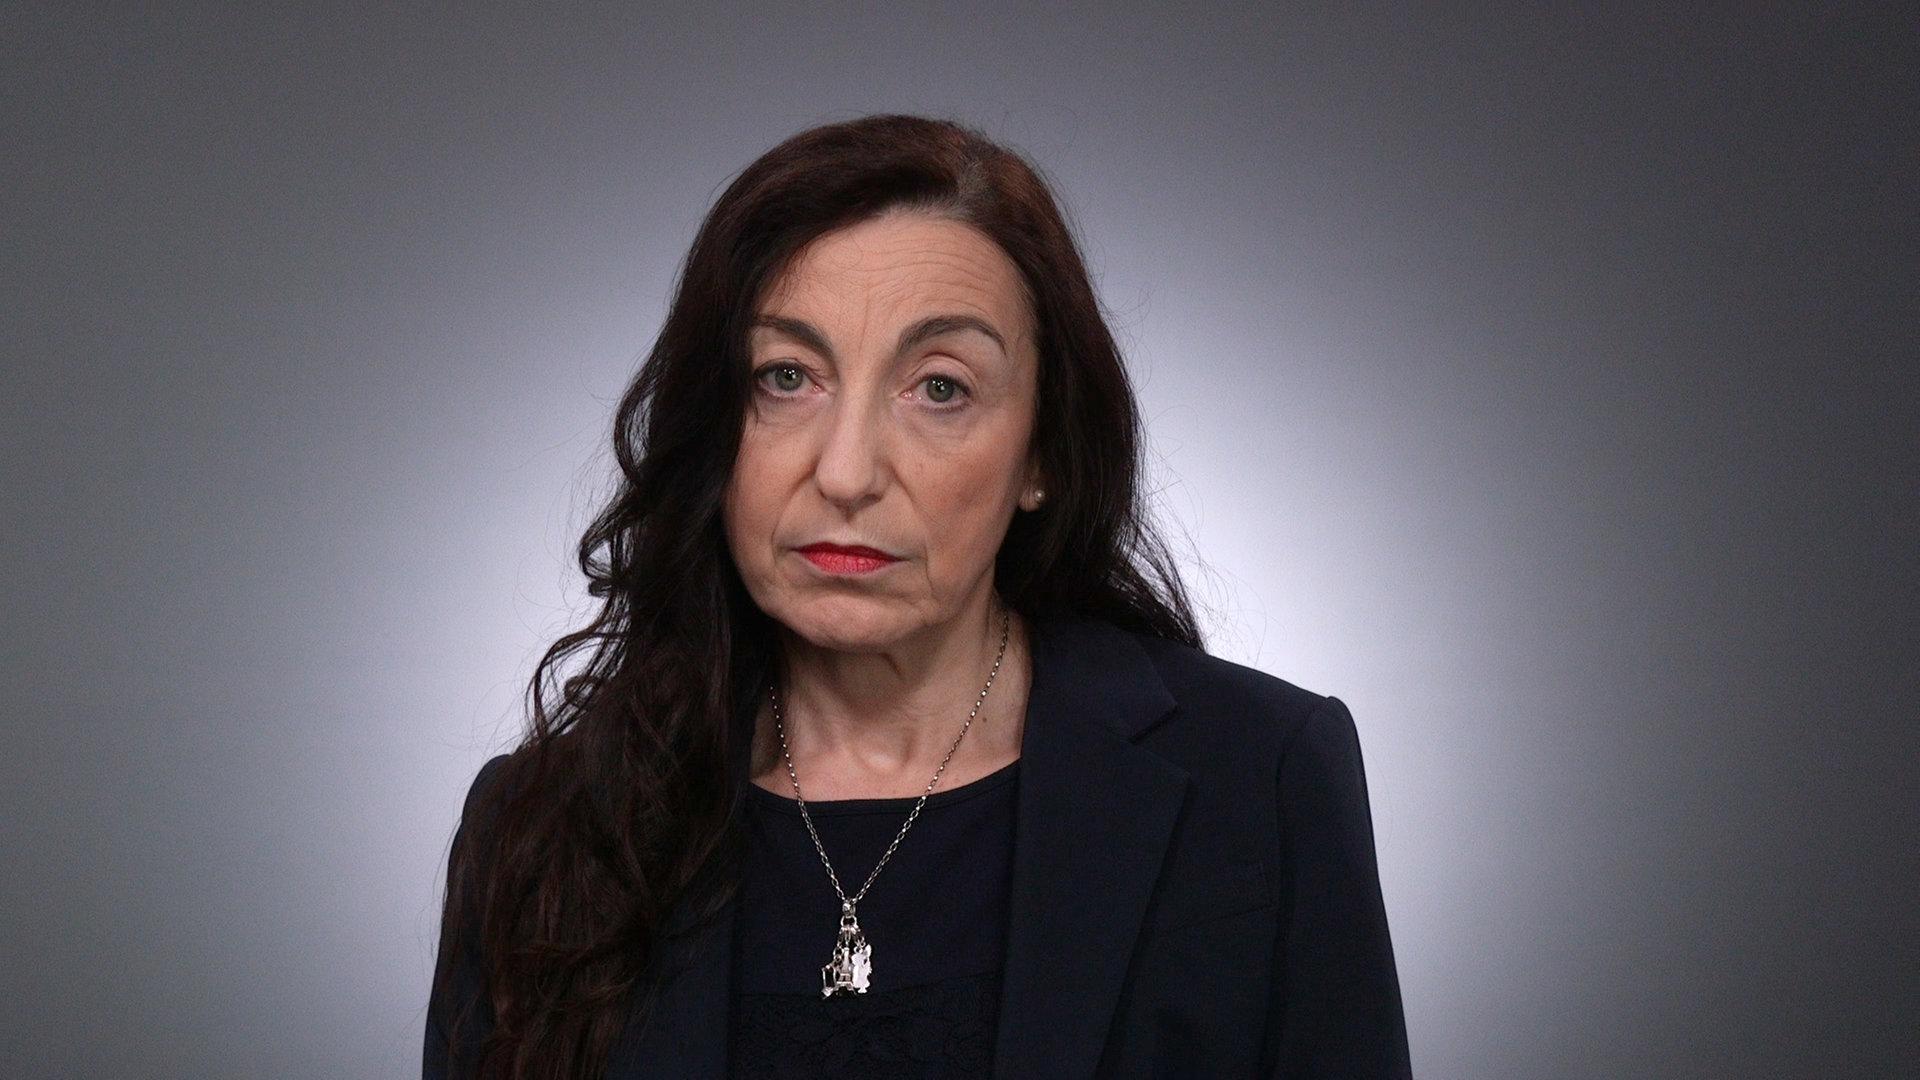 Isabella Vértes-Schütter, SPD